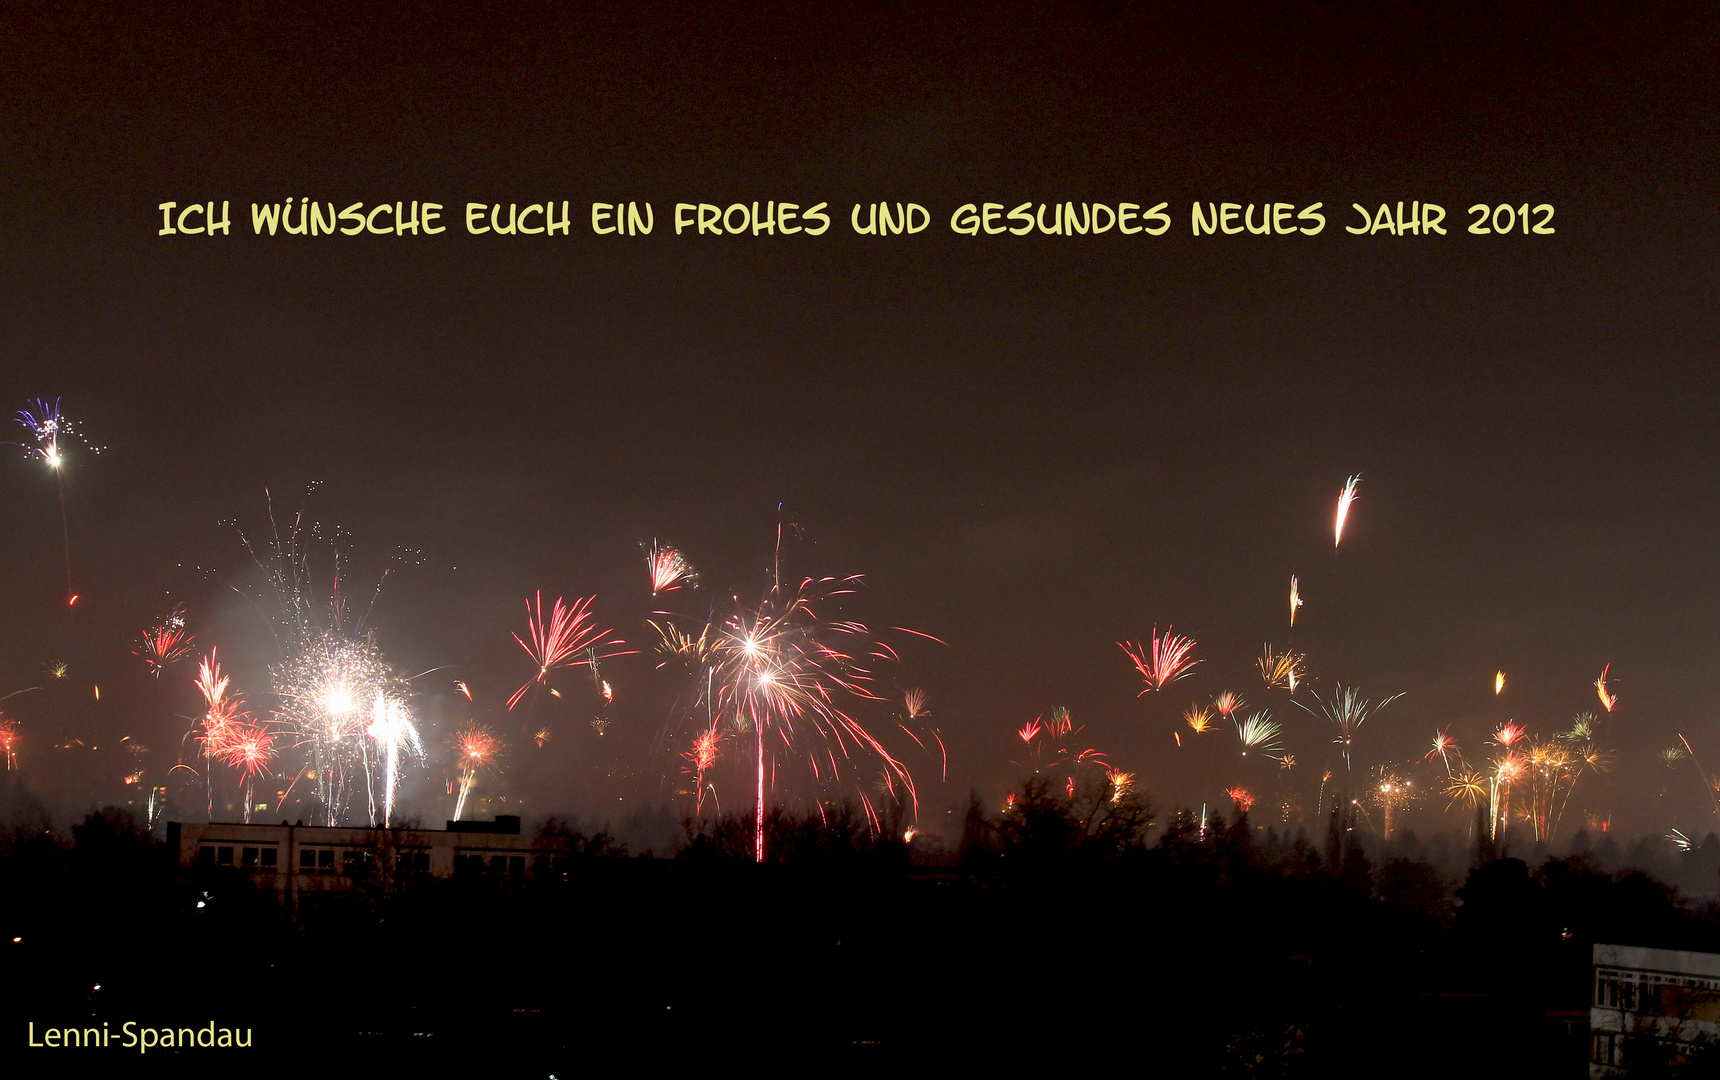 Frohes neues Jahr 2012 Foto & Bild | gratulation und feiertage ...